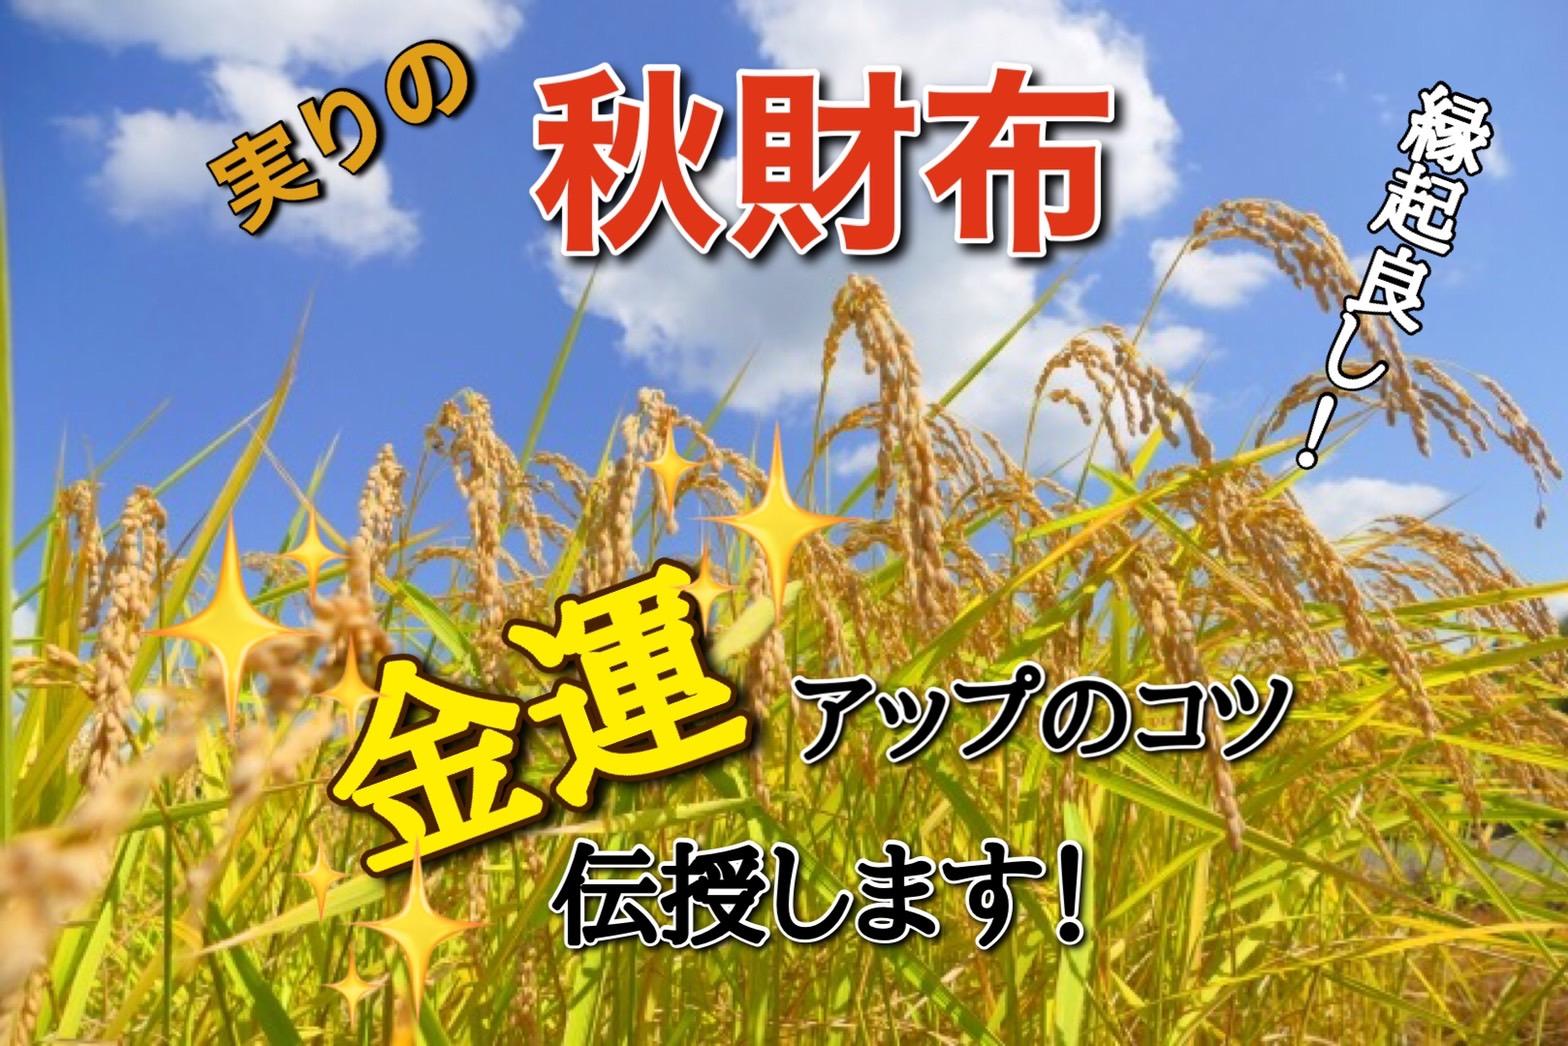 「縁起良し!実りの秋財布」で金運アップ!